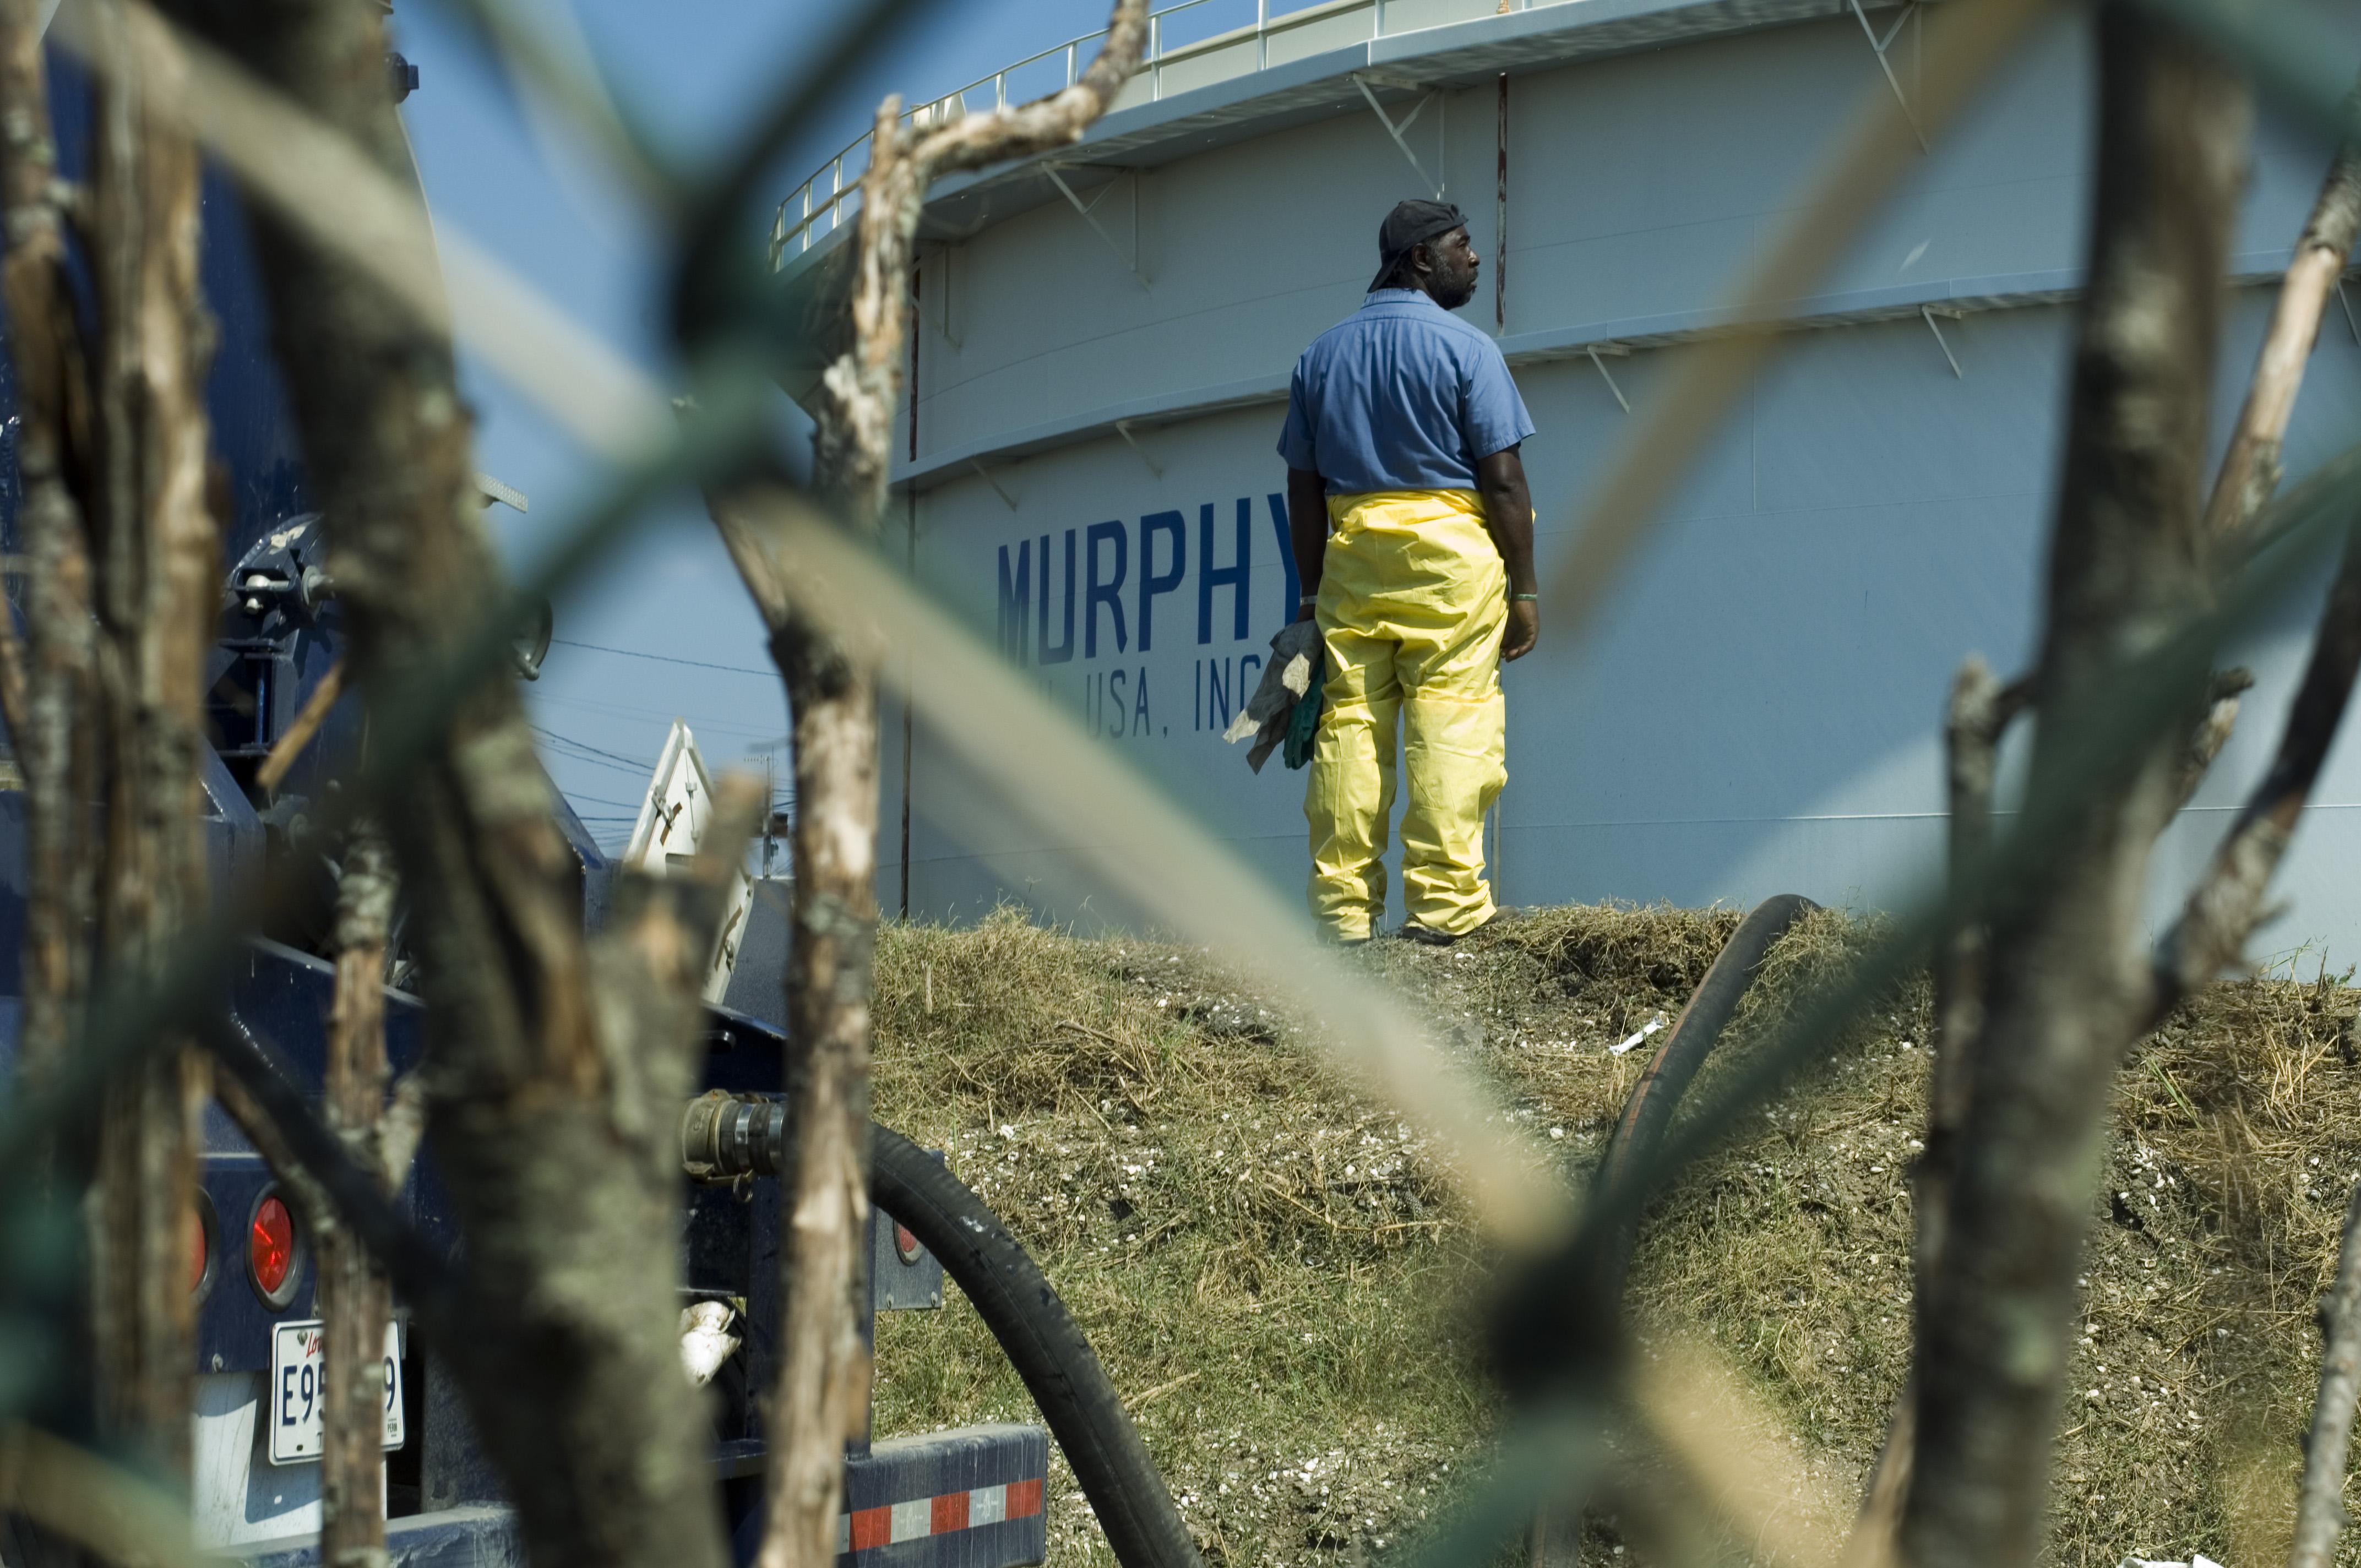 W rafinerii naftowej Murphy po huraganie Katrina: Do rafinerii przybywają jednostki ratownicze w celu usunięcia skutków wycieku ropy. Rafineria nie podała ilości rozlanej ropy, lecz według Straży Granicznej USA ze zbiornika wyciekło 1.072.500 galonów (1 galon = 3,785 l). Duża część tej ropy zalała tereny zamieszkałe wokół rafinerii, przekształcając je w obszary nie nadające się do zamieszkania. Według mieszkańców, prawnicy pracujący dla rafinerii dążą do kupna ich domów, aby powiększyć rafinerię i postawić magazyn zbiornikowy na ich ziemi. Foto: © Greenpeace / Christian Aslund